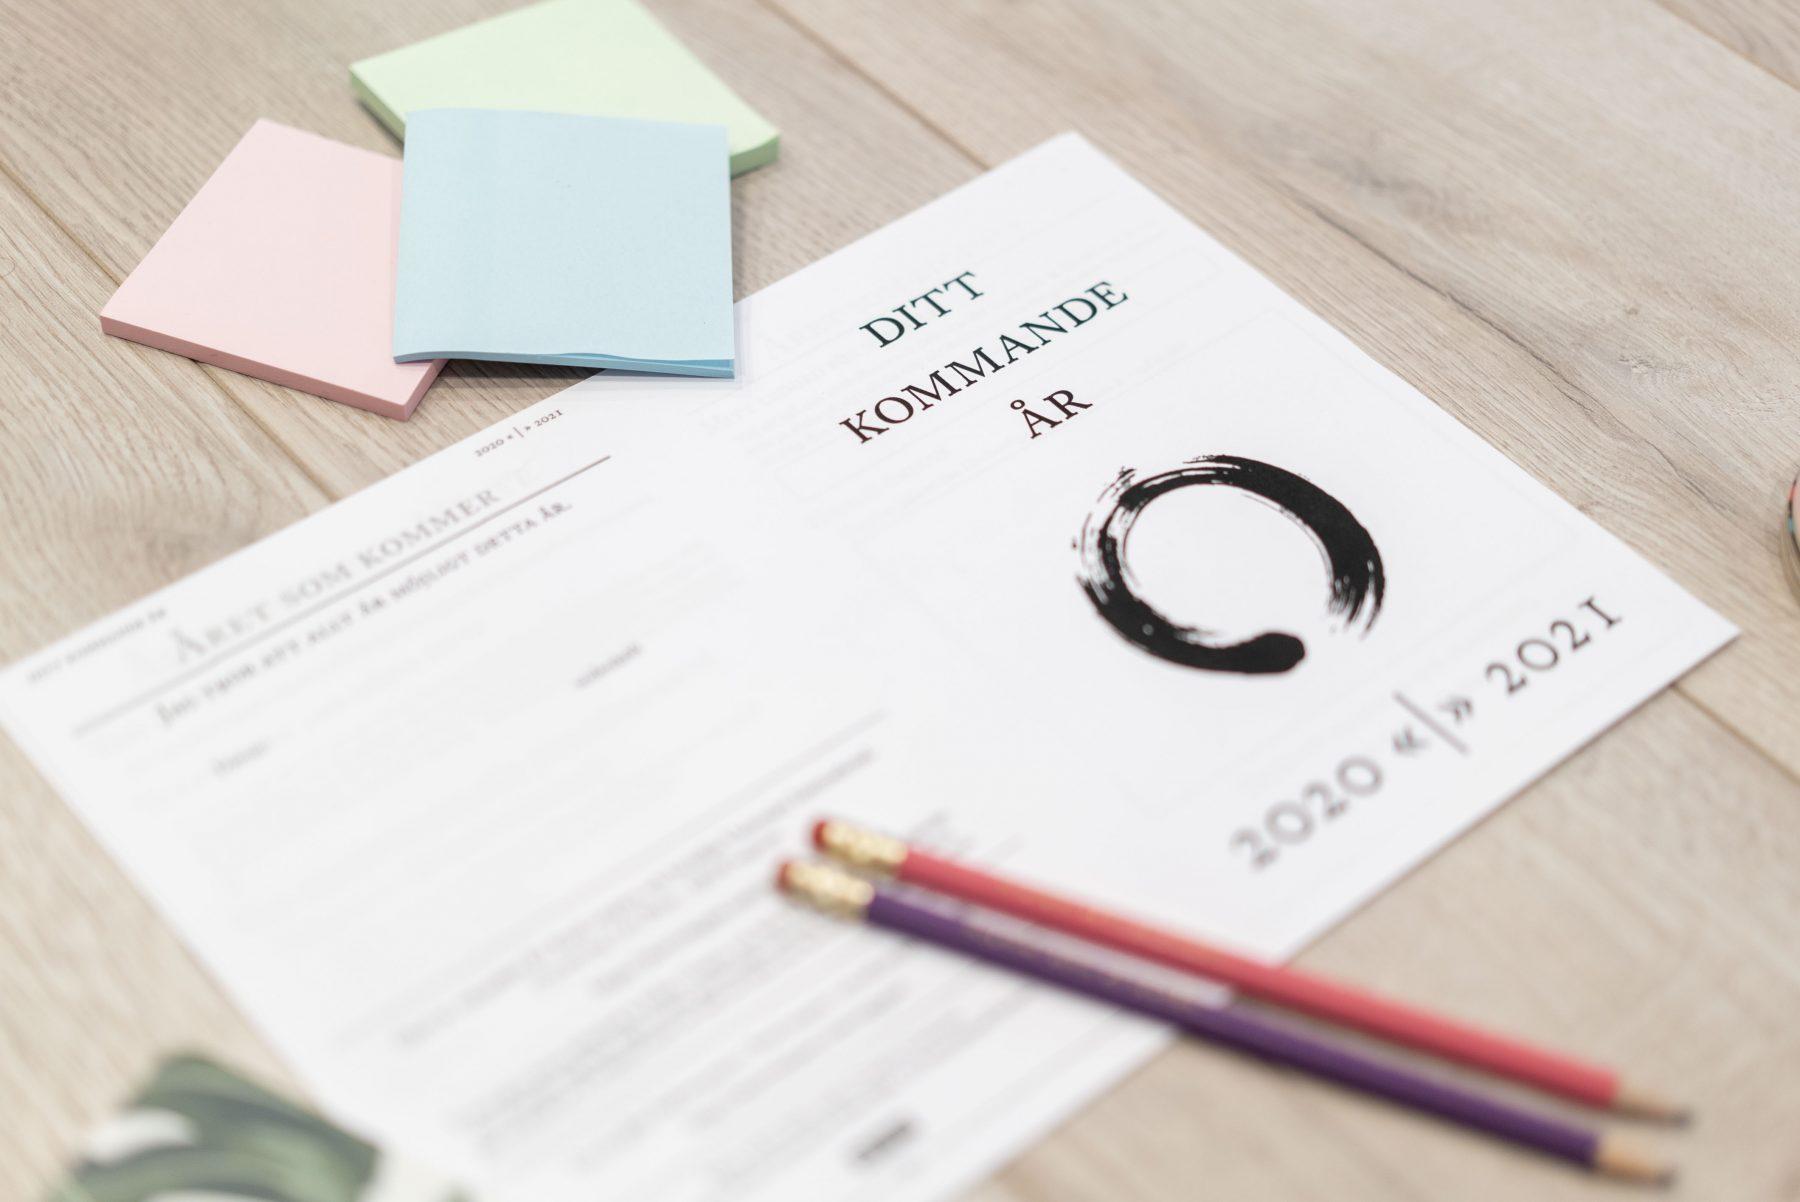 Utskrift av arbetsmaterialet Ditt kommande år, några pennor och post-it-lappar ligger på ett golv